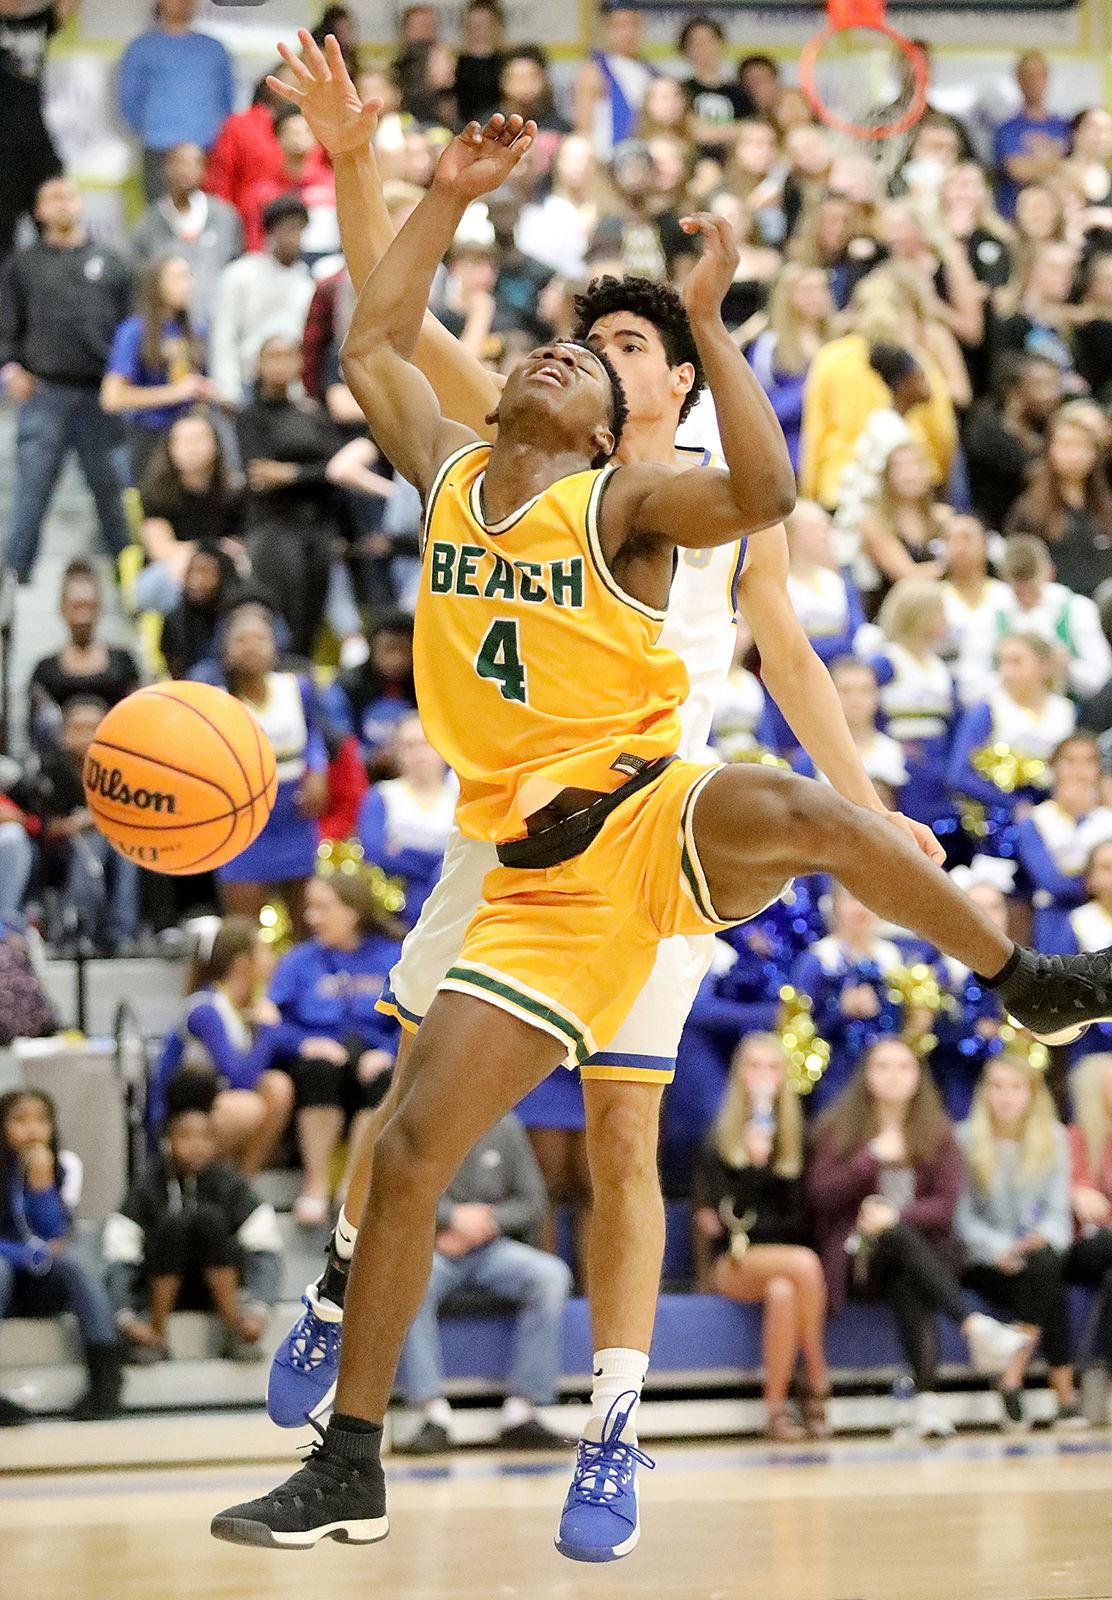 Myrtle Beach Beats North Myrtle Beach In Region Play